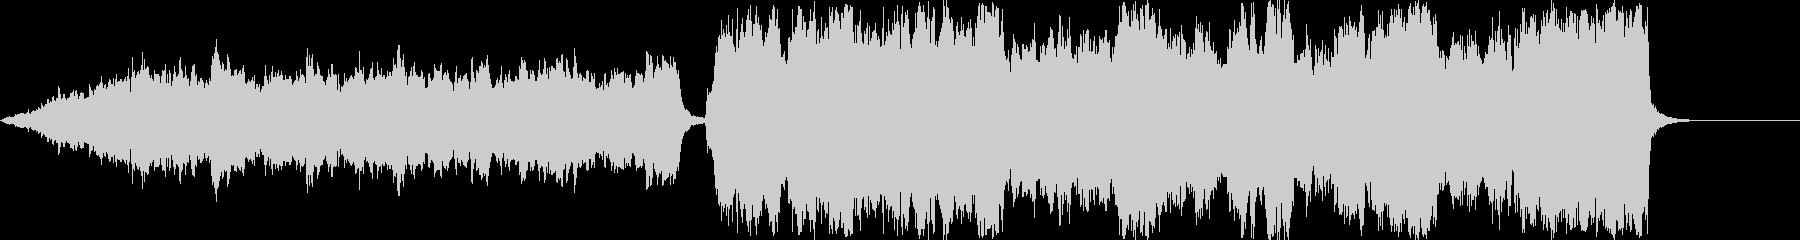 メインとなるメロディを控えた楽曲(序曲)の未再生の波形